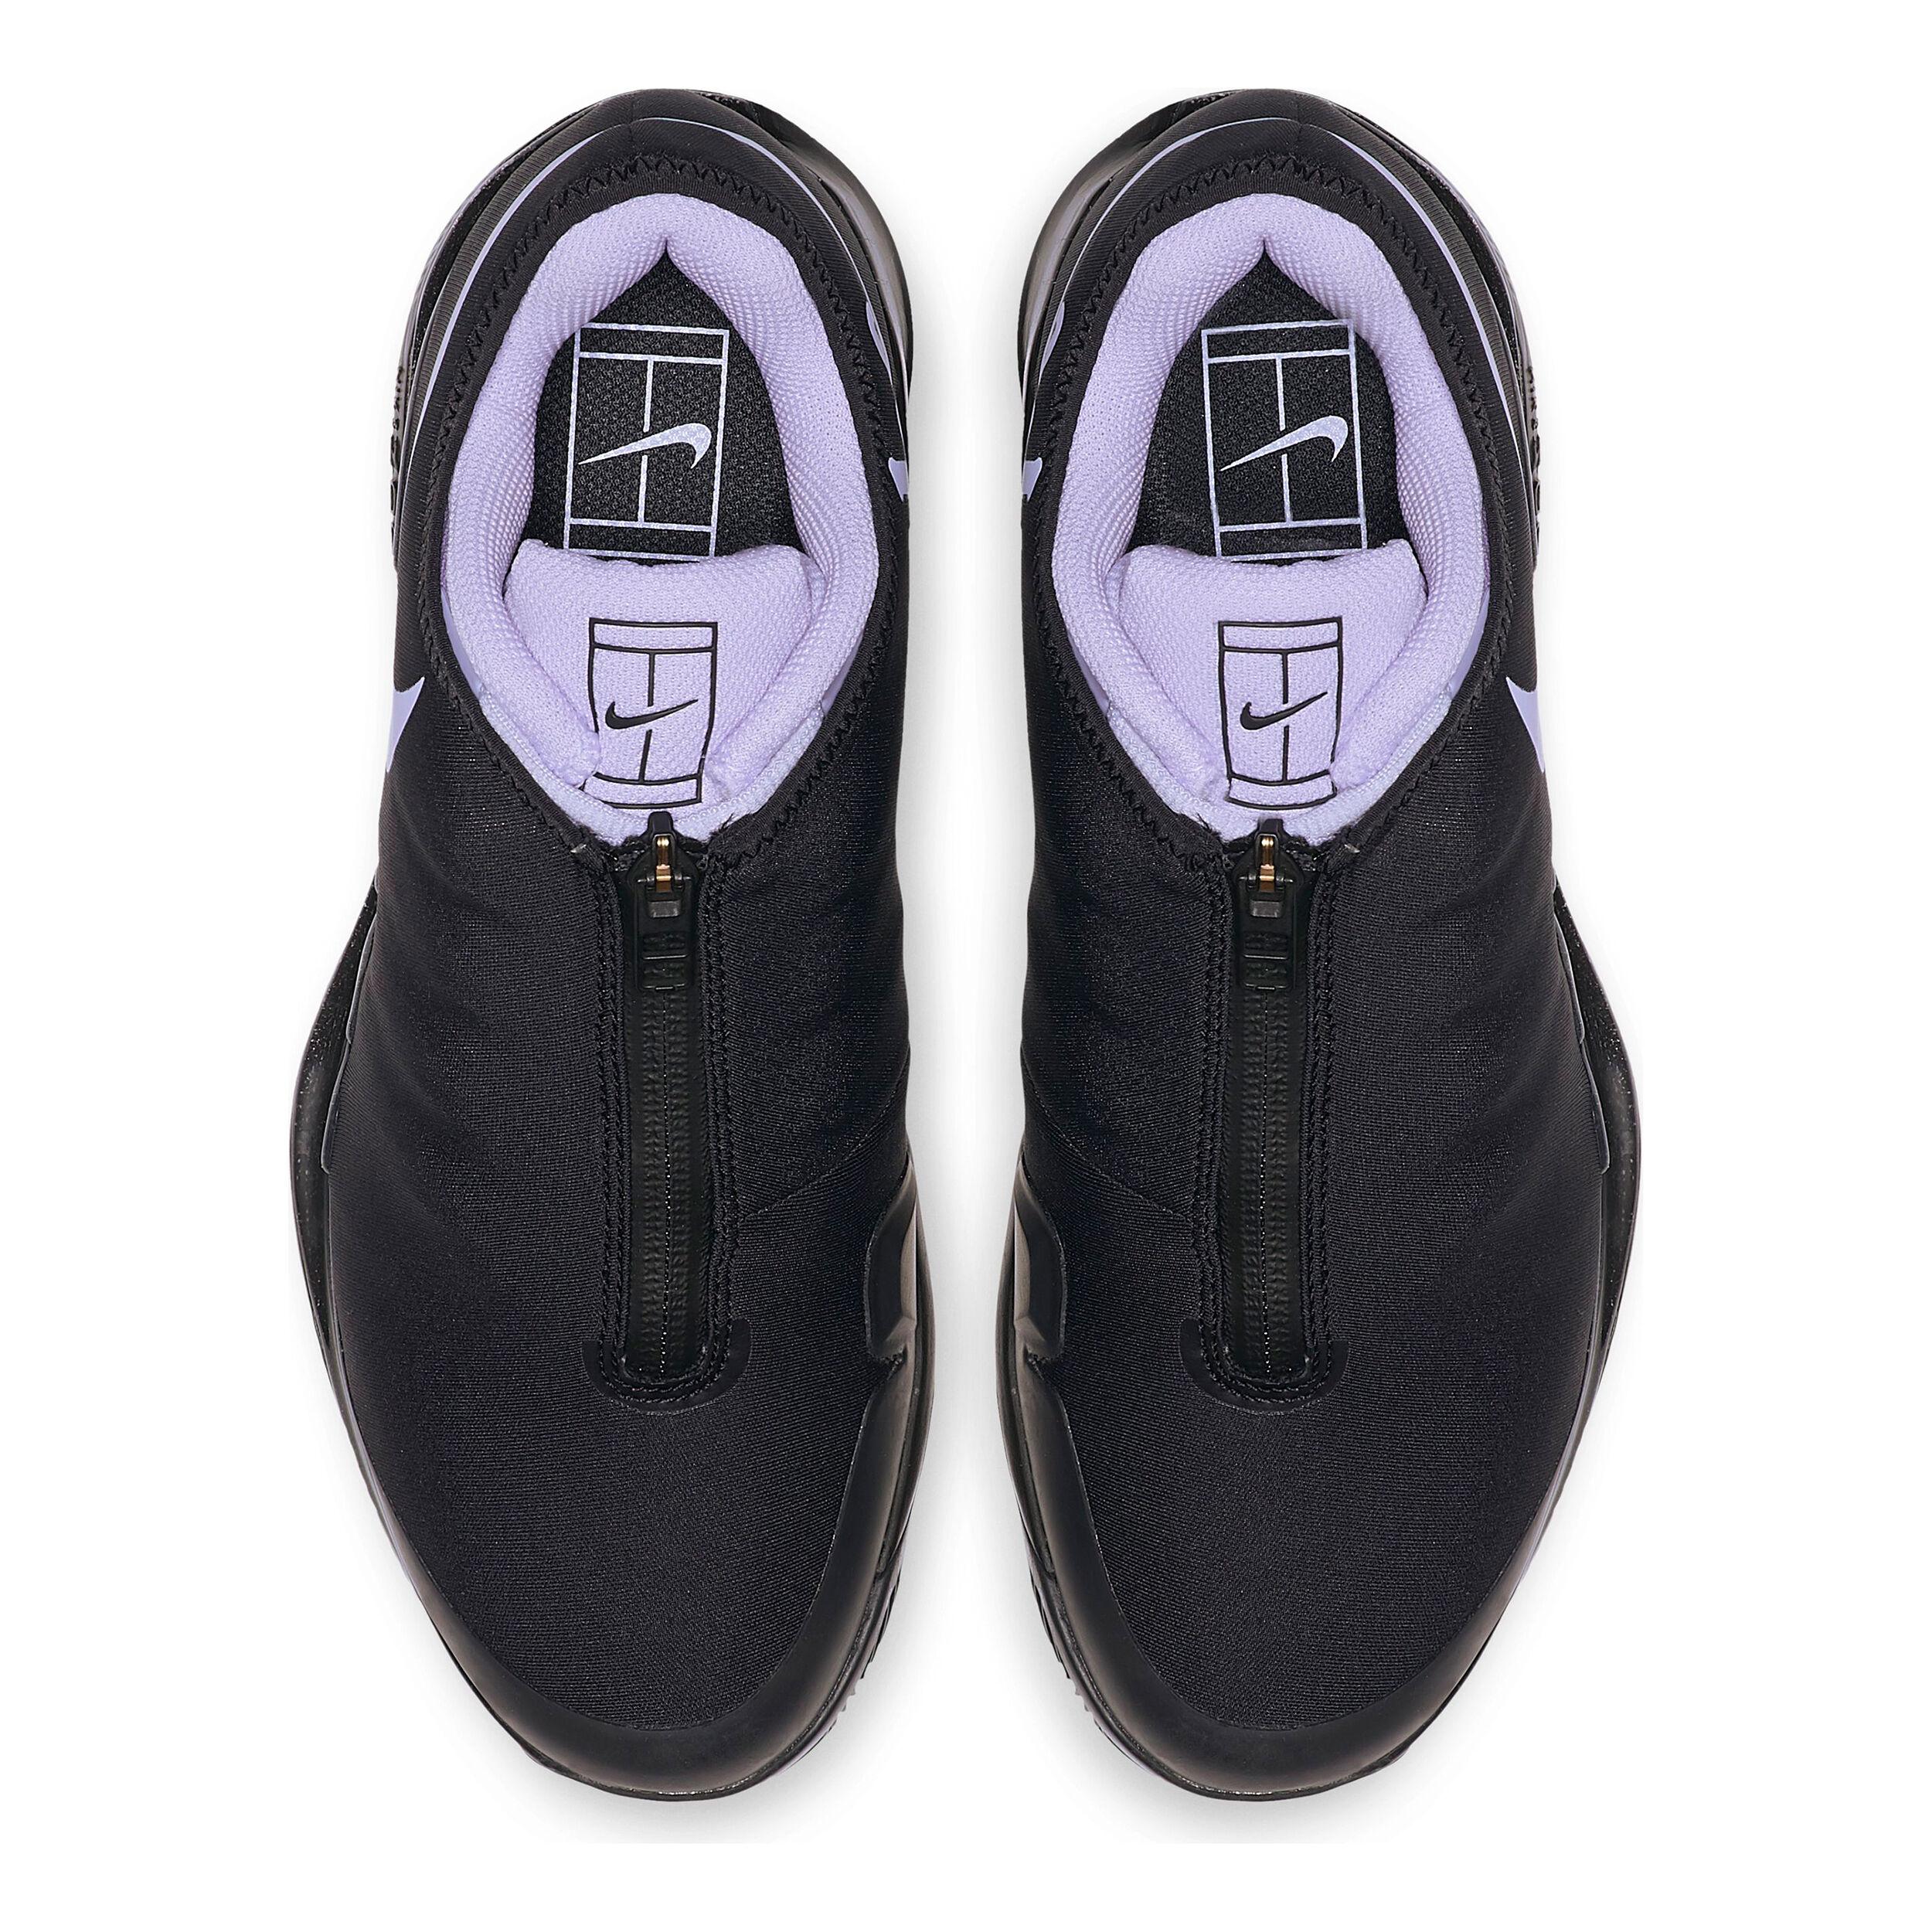 Nike Air Zoom Vapor X Glove Clay Chaussure Terre Battue